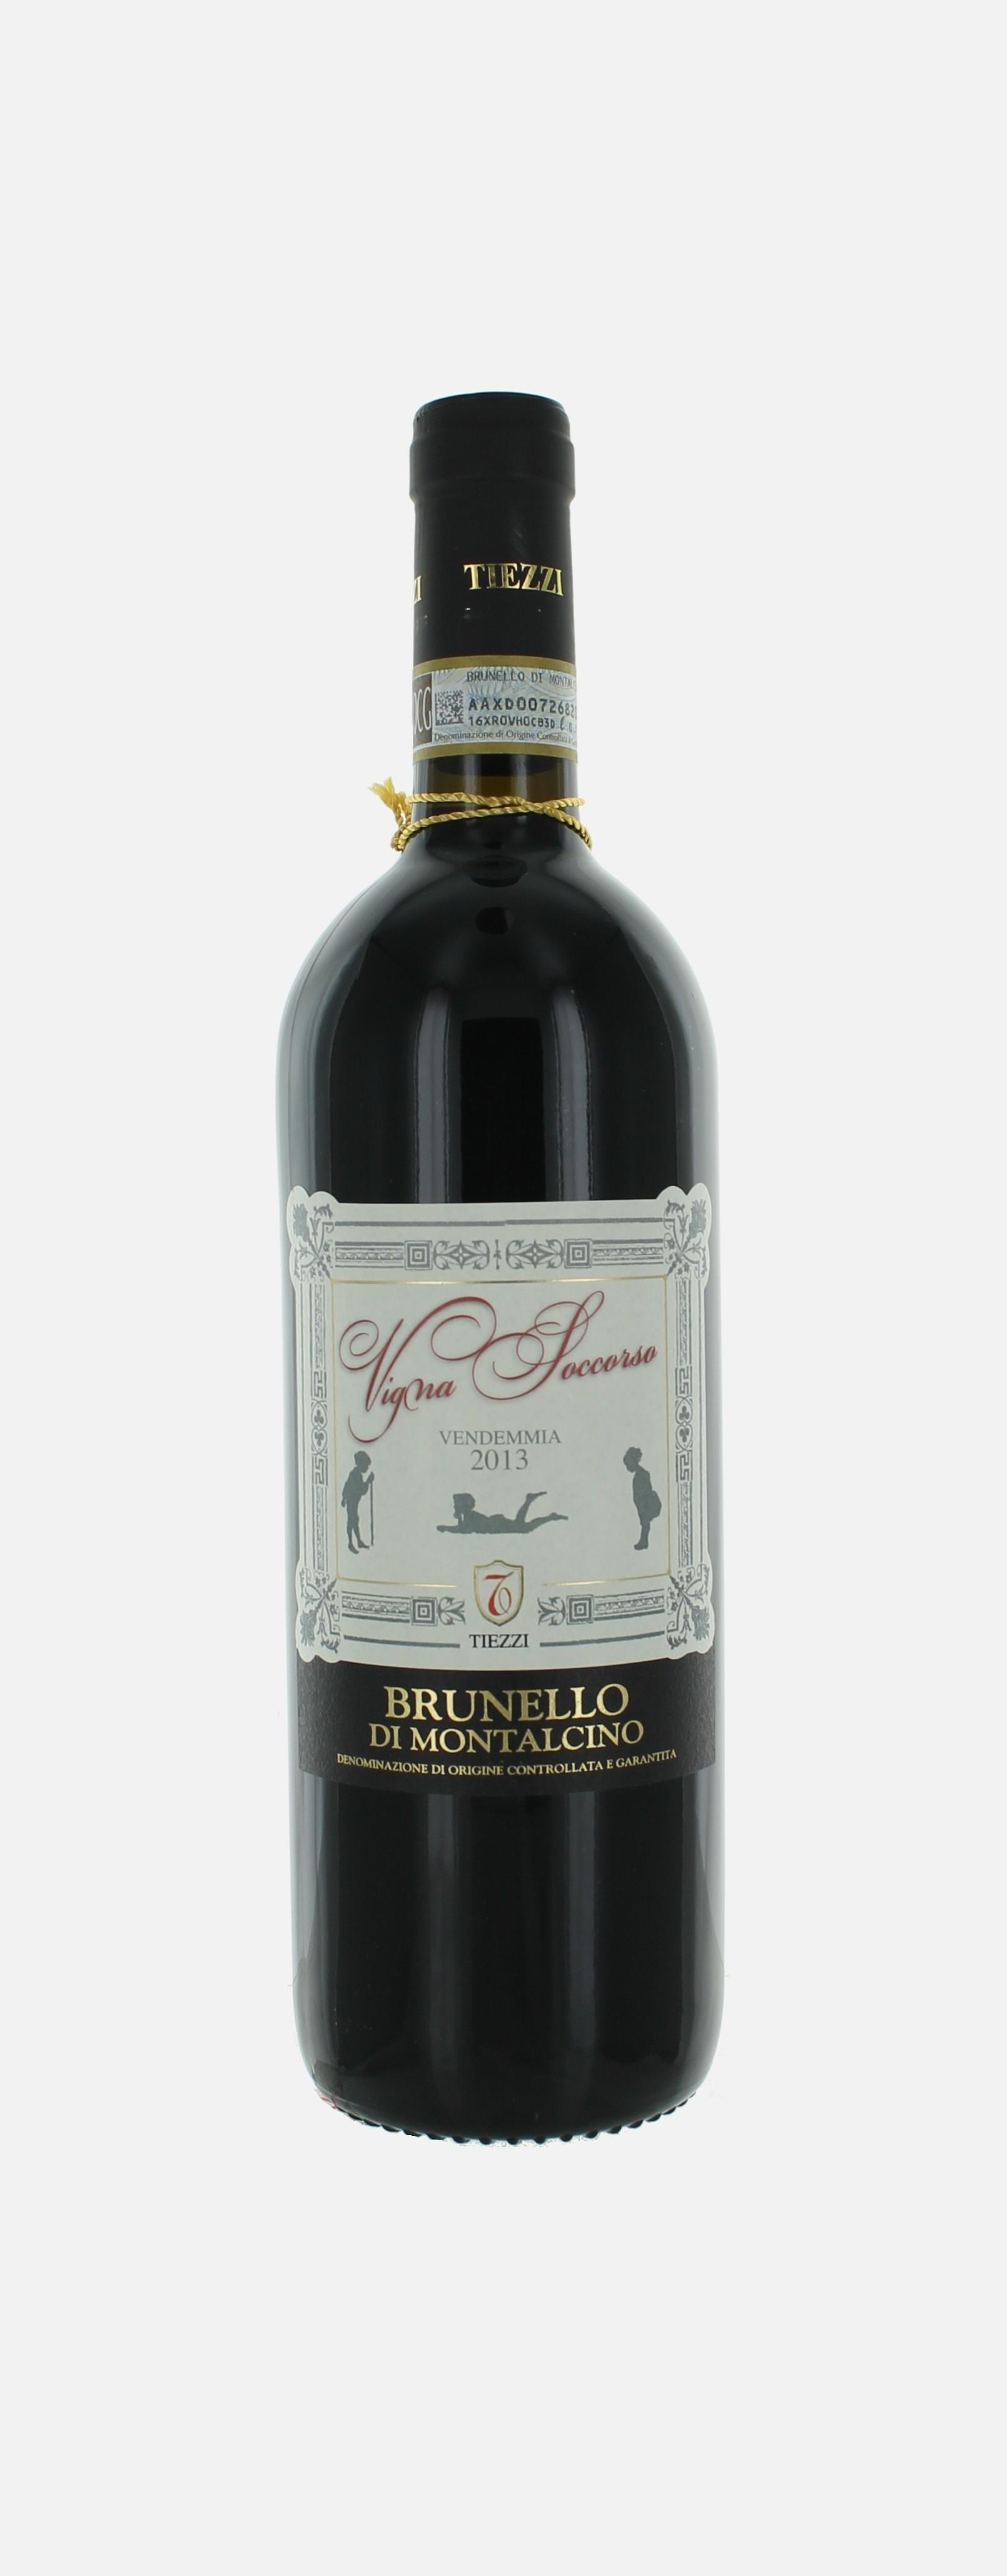 Vigna Soccorso, brunello di Montalcino, Tiezzi